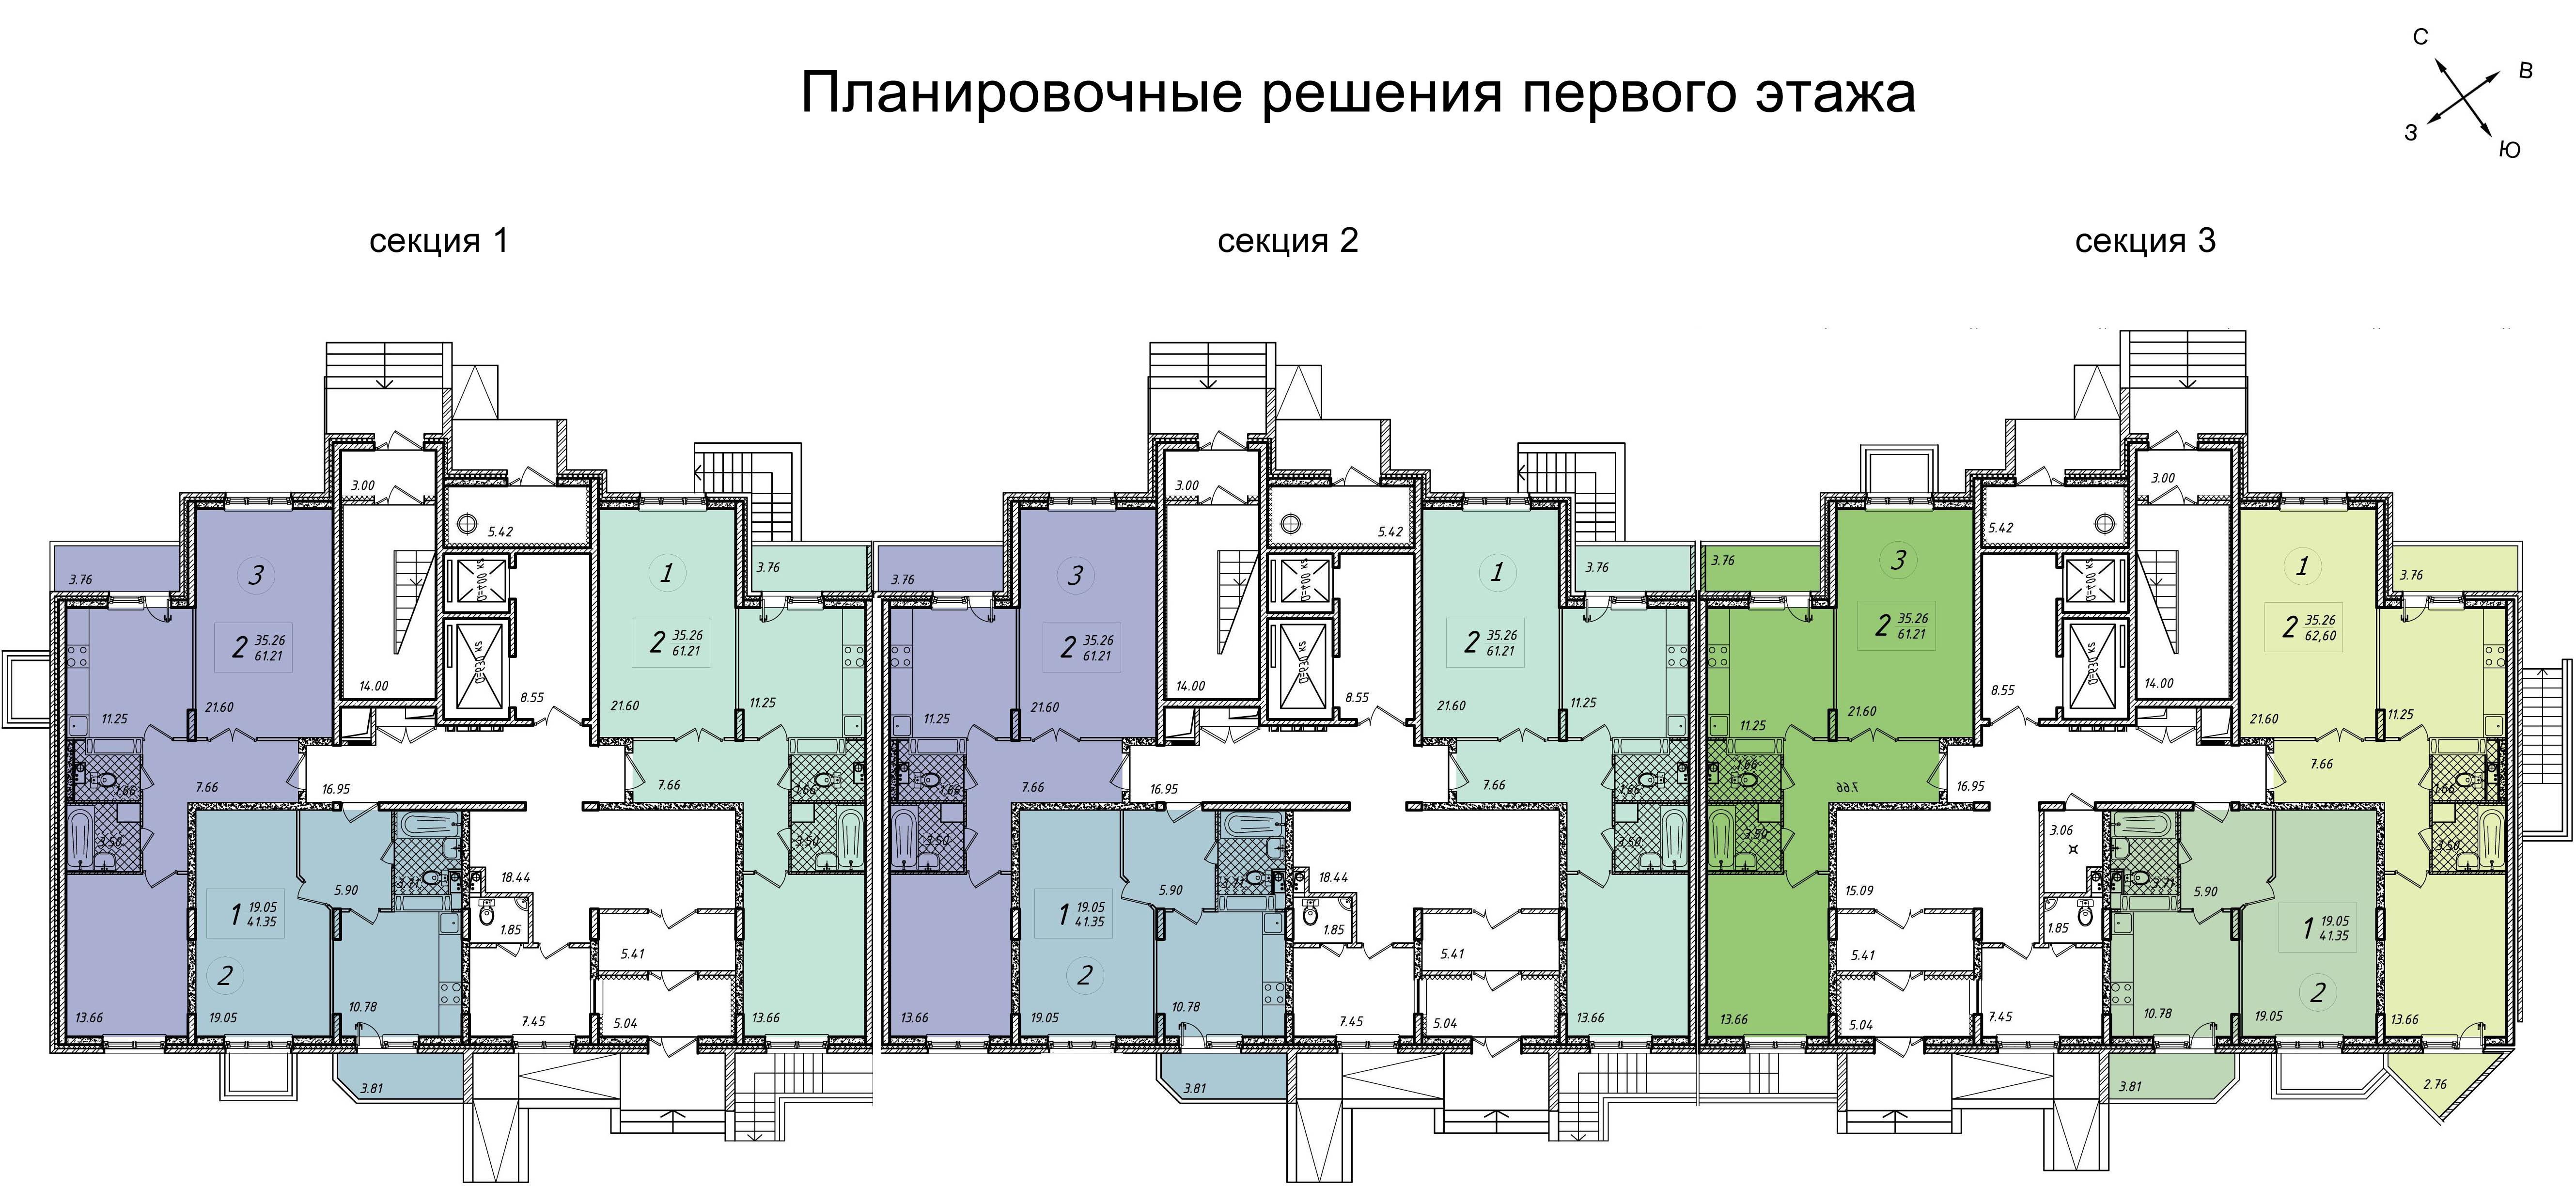 Планировочные решения первого этажа